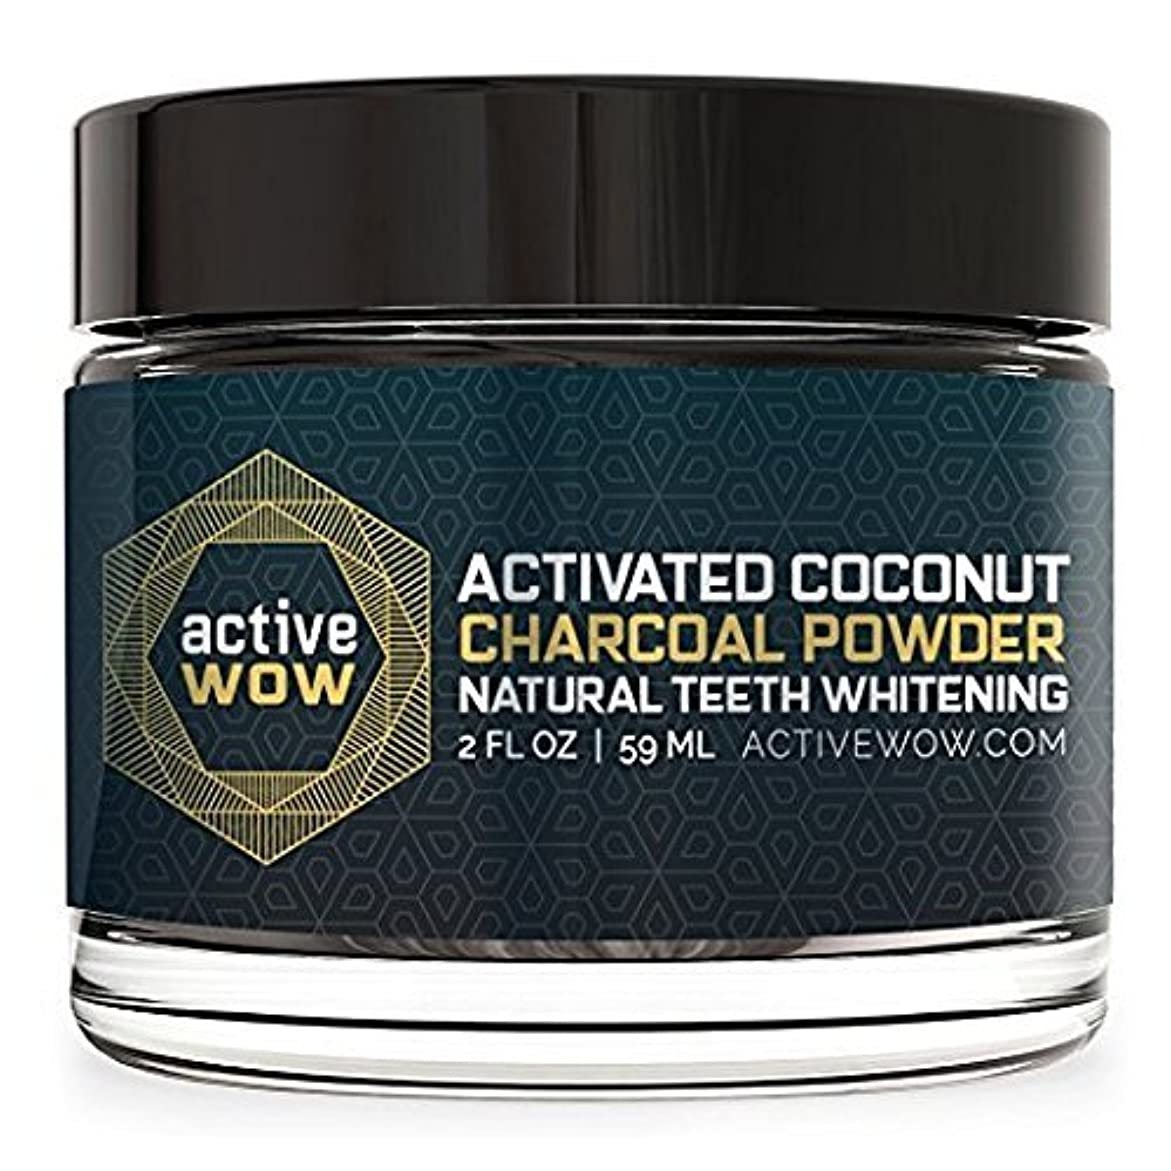 ブロック東部スポーツマンアメリカで売れている 炭パウダー歯のホワイトニング Teeth Whitening Charcoal Powder Natural [並行輸入品]